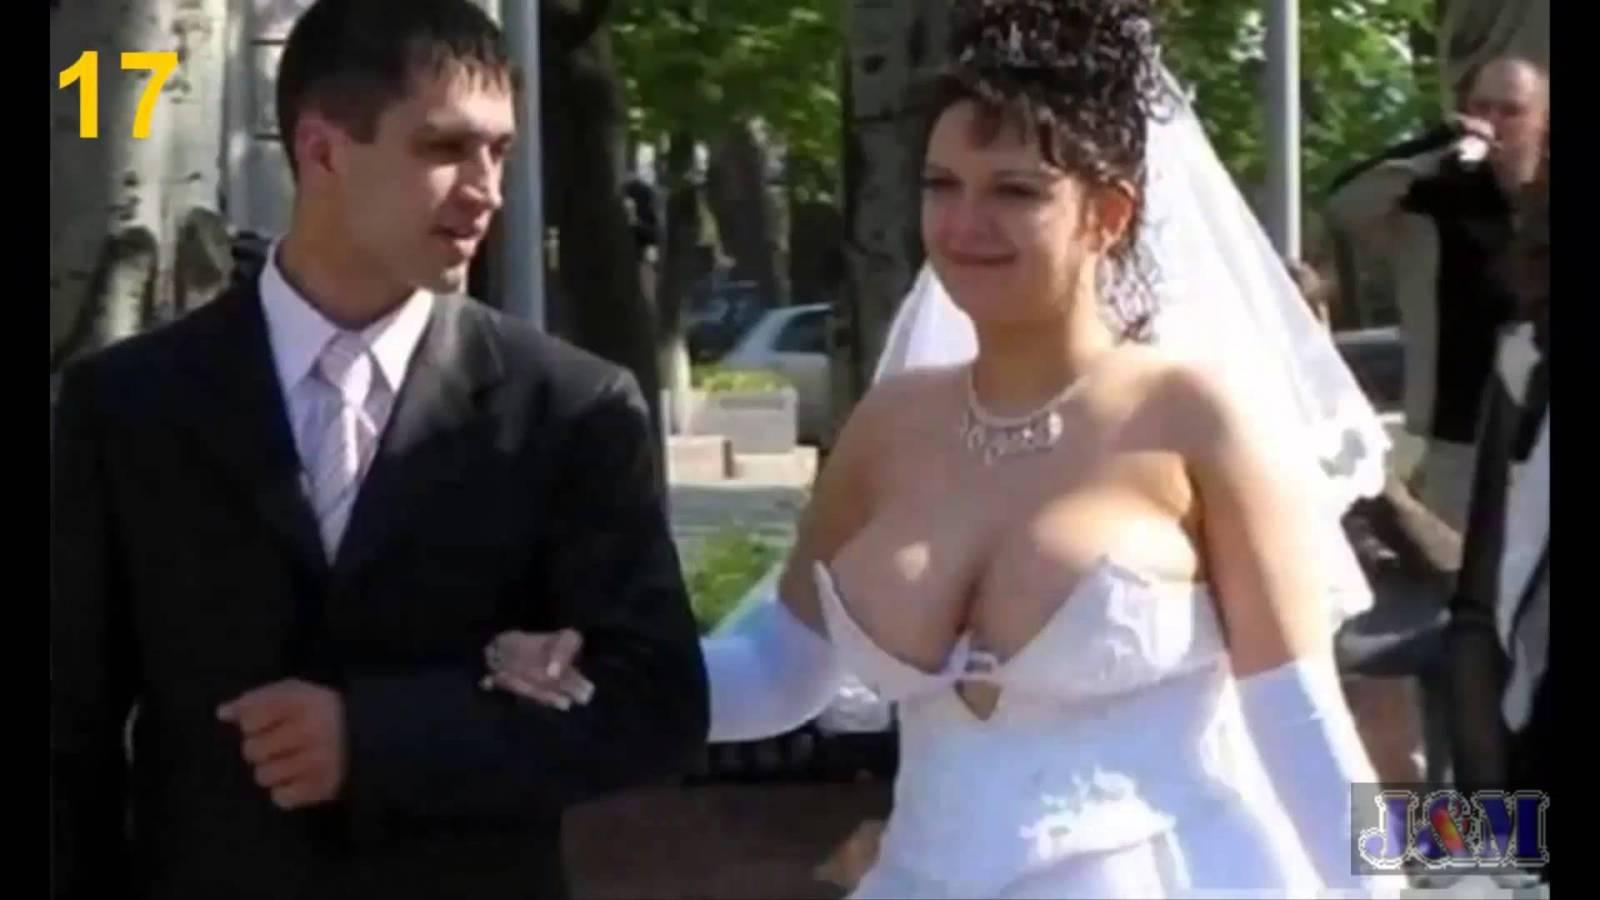 Смотреть порно ролик брат трахнул пьяную сестру 15 фотография